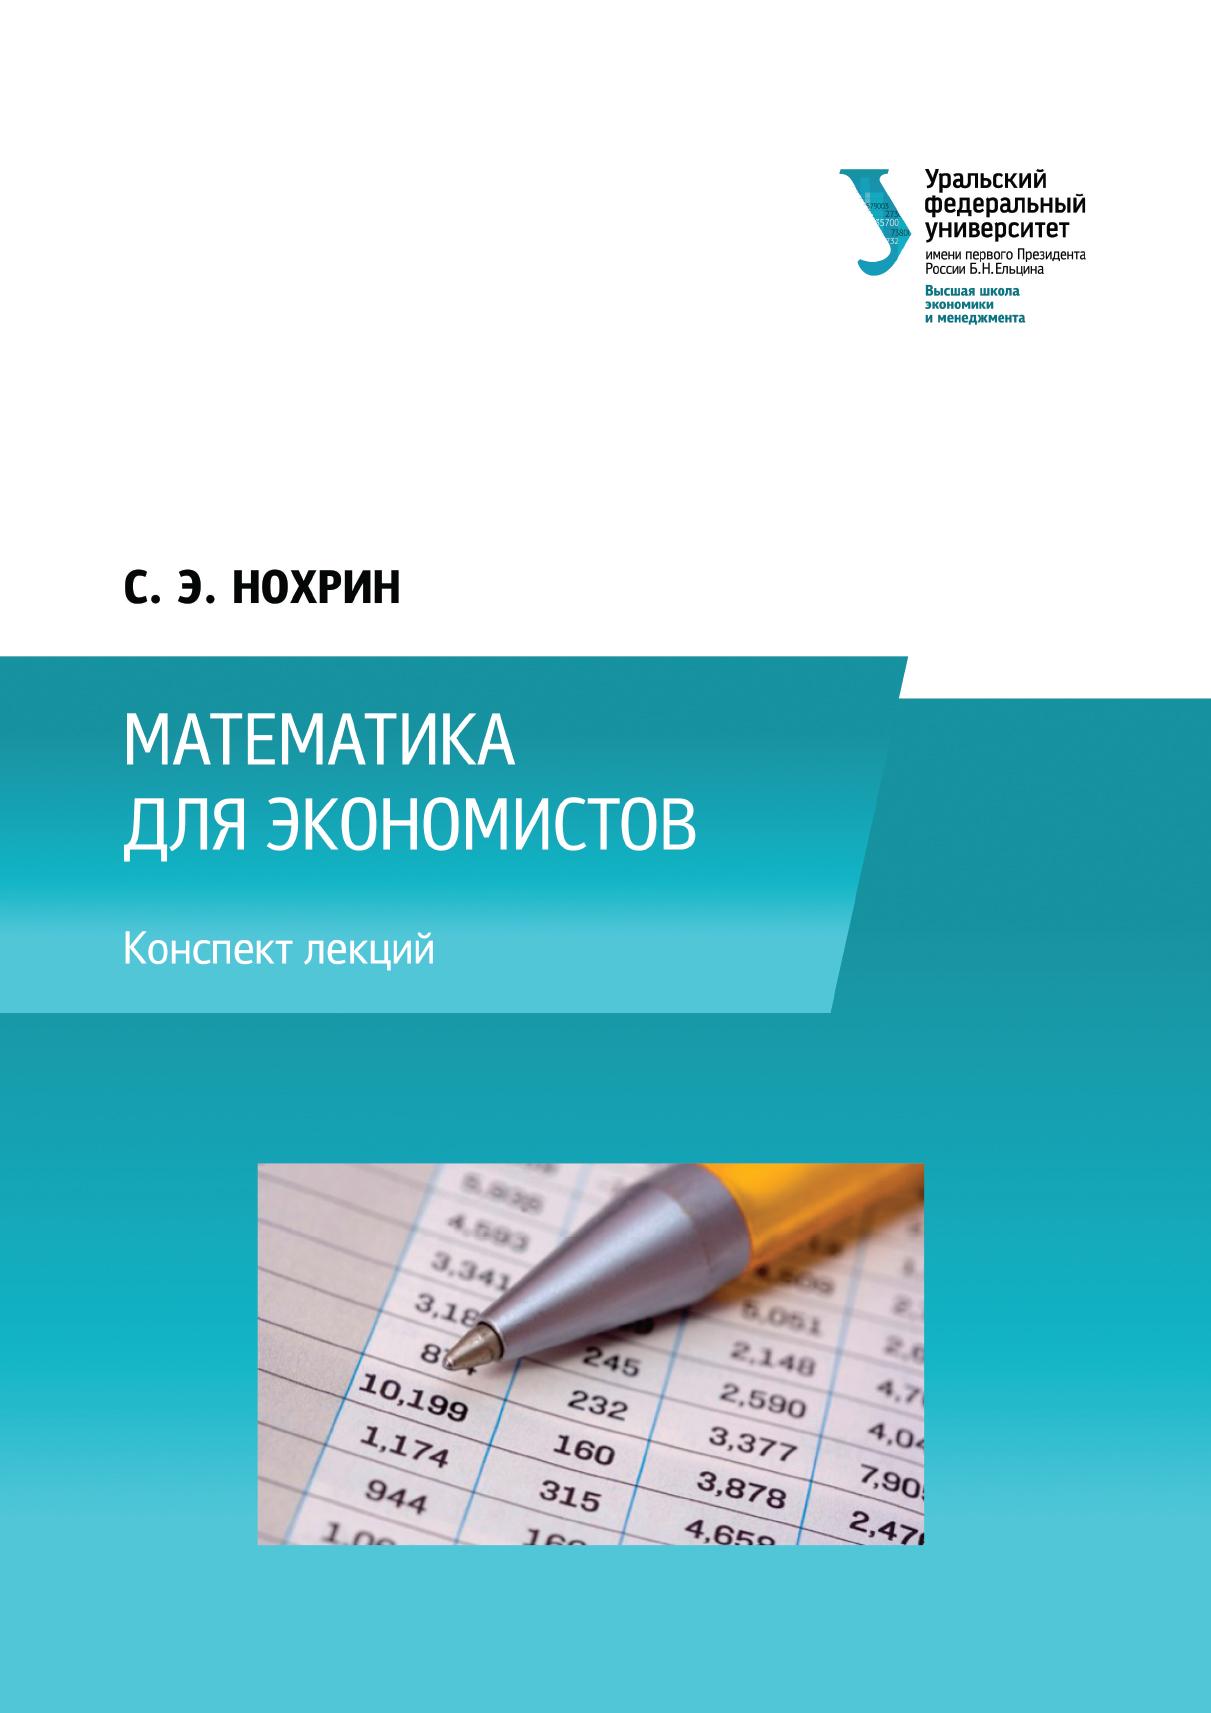 Коллектив авторов Математика для экономистов коллектив авторов математика для экономистов isbn 978 5 7996 1251 1